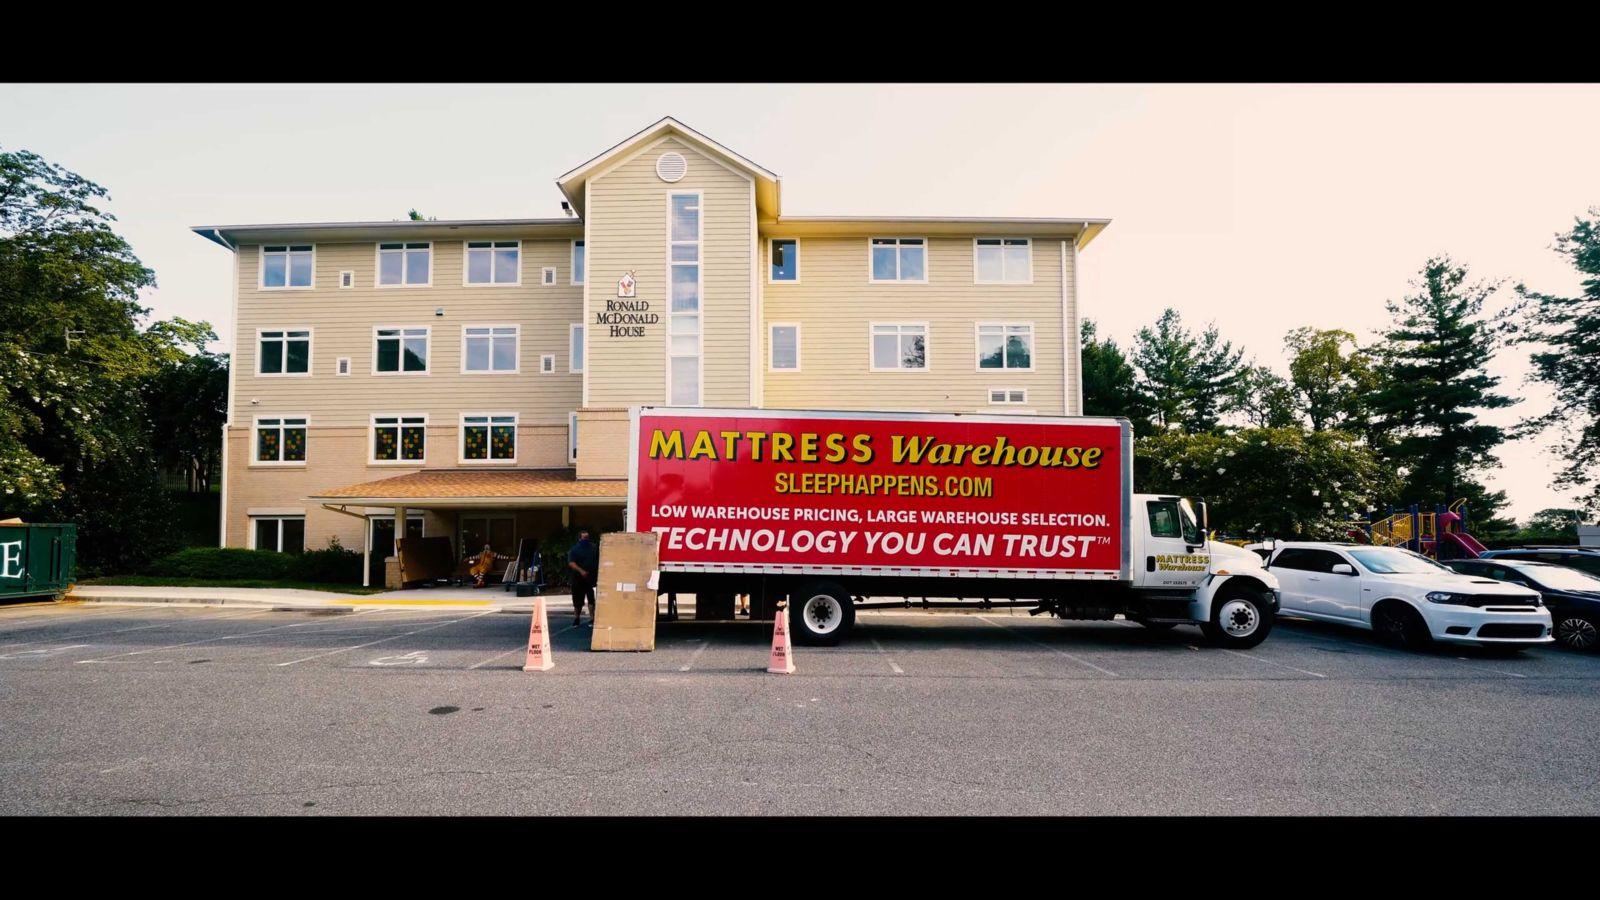 mattress warehouse charity donation